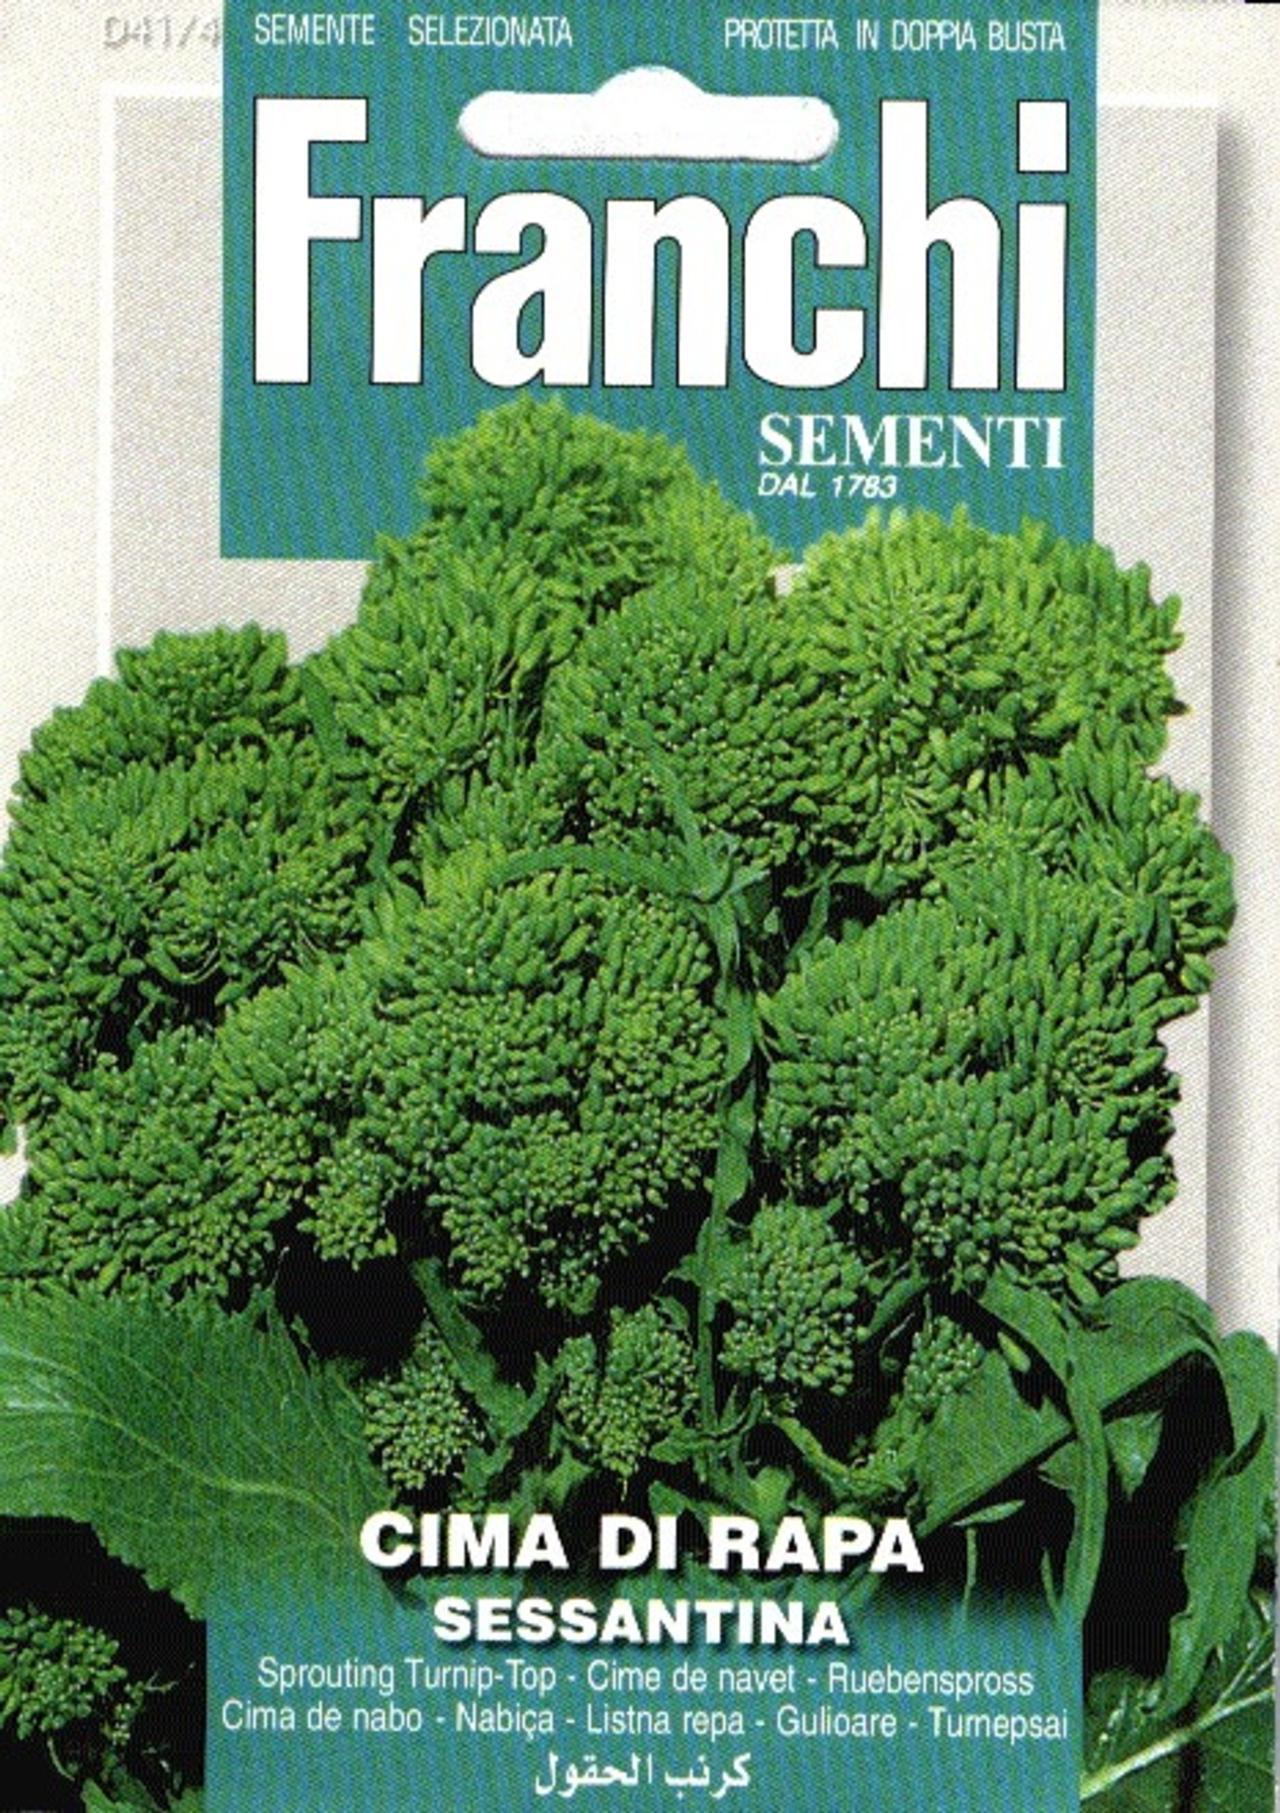 Brassica oleracea 'Sessantina' plant